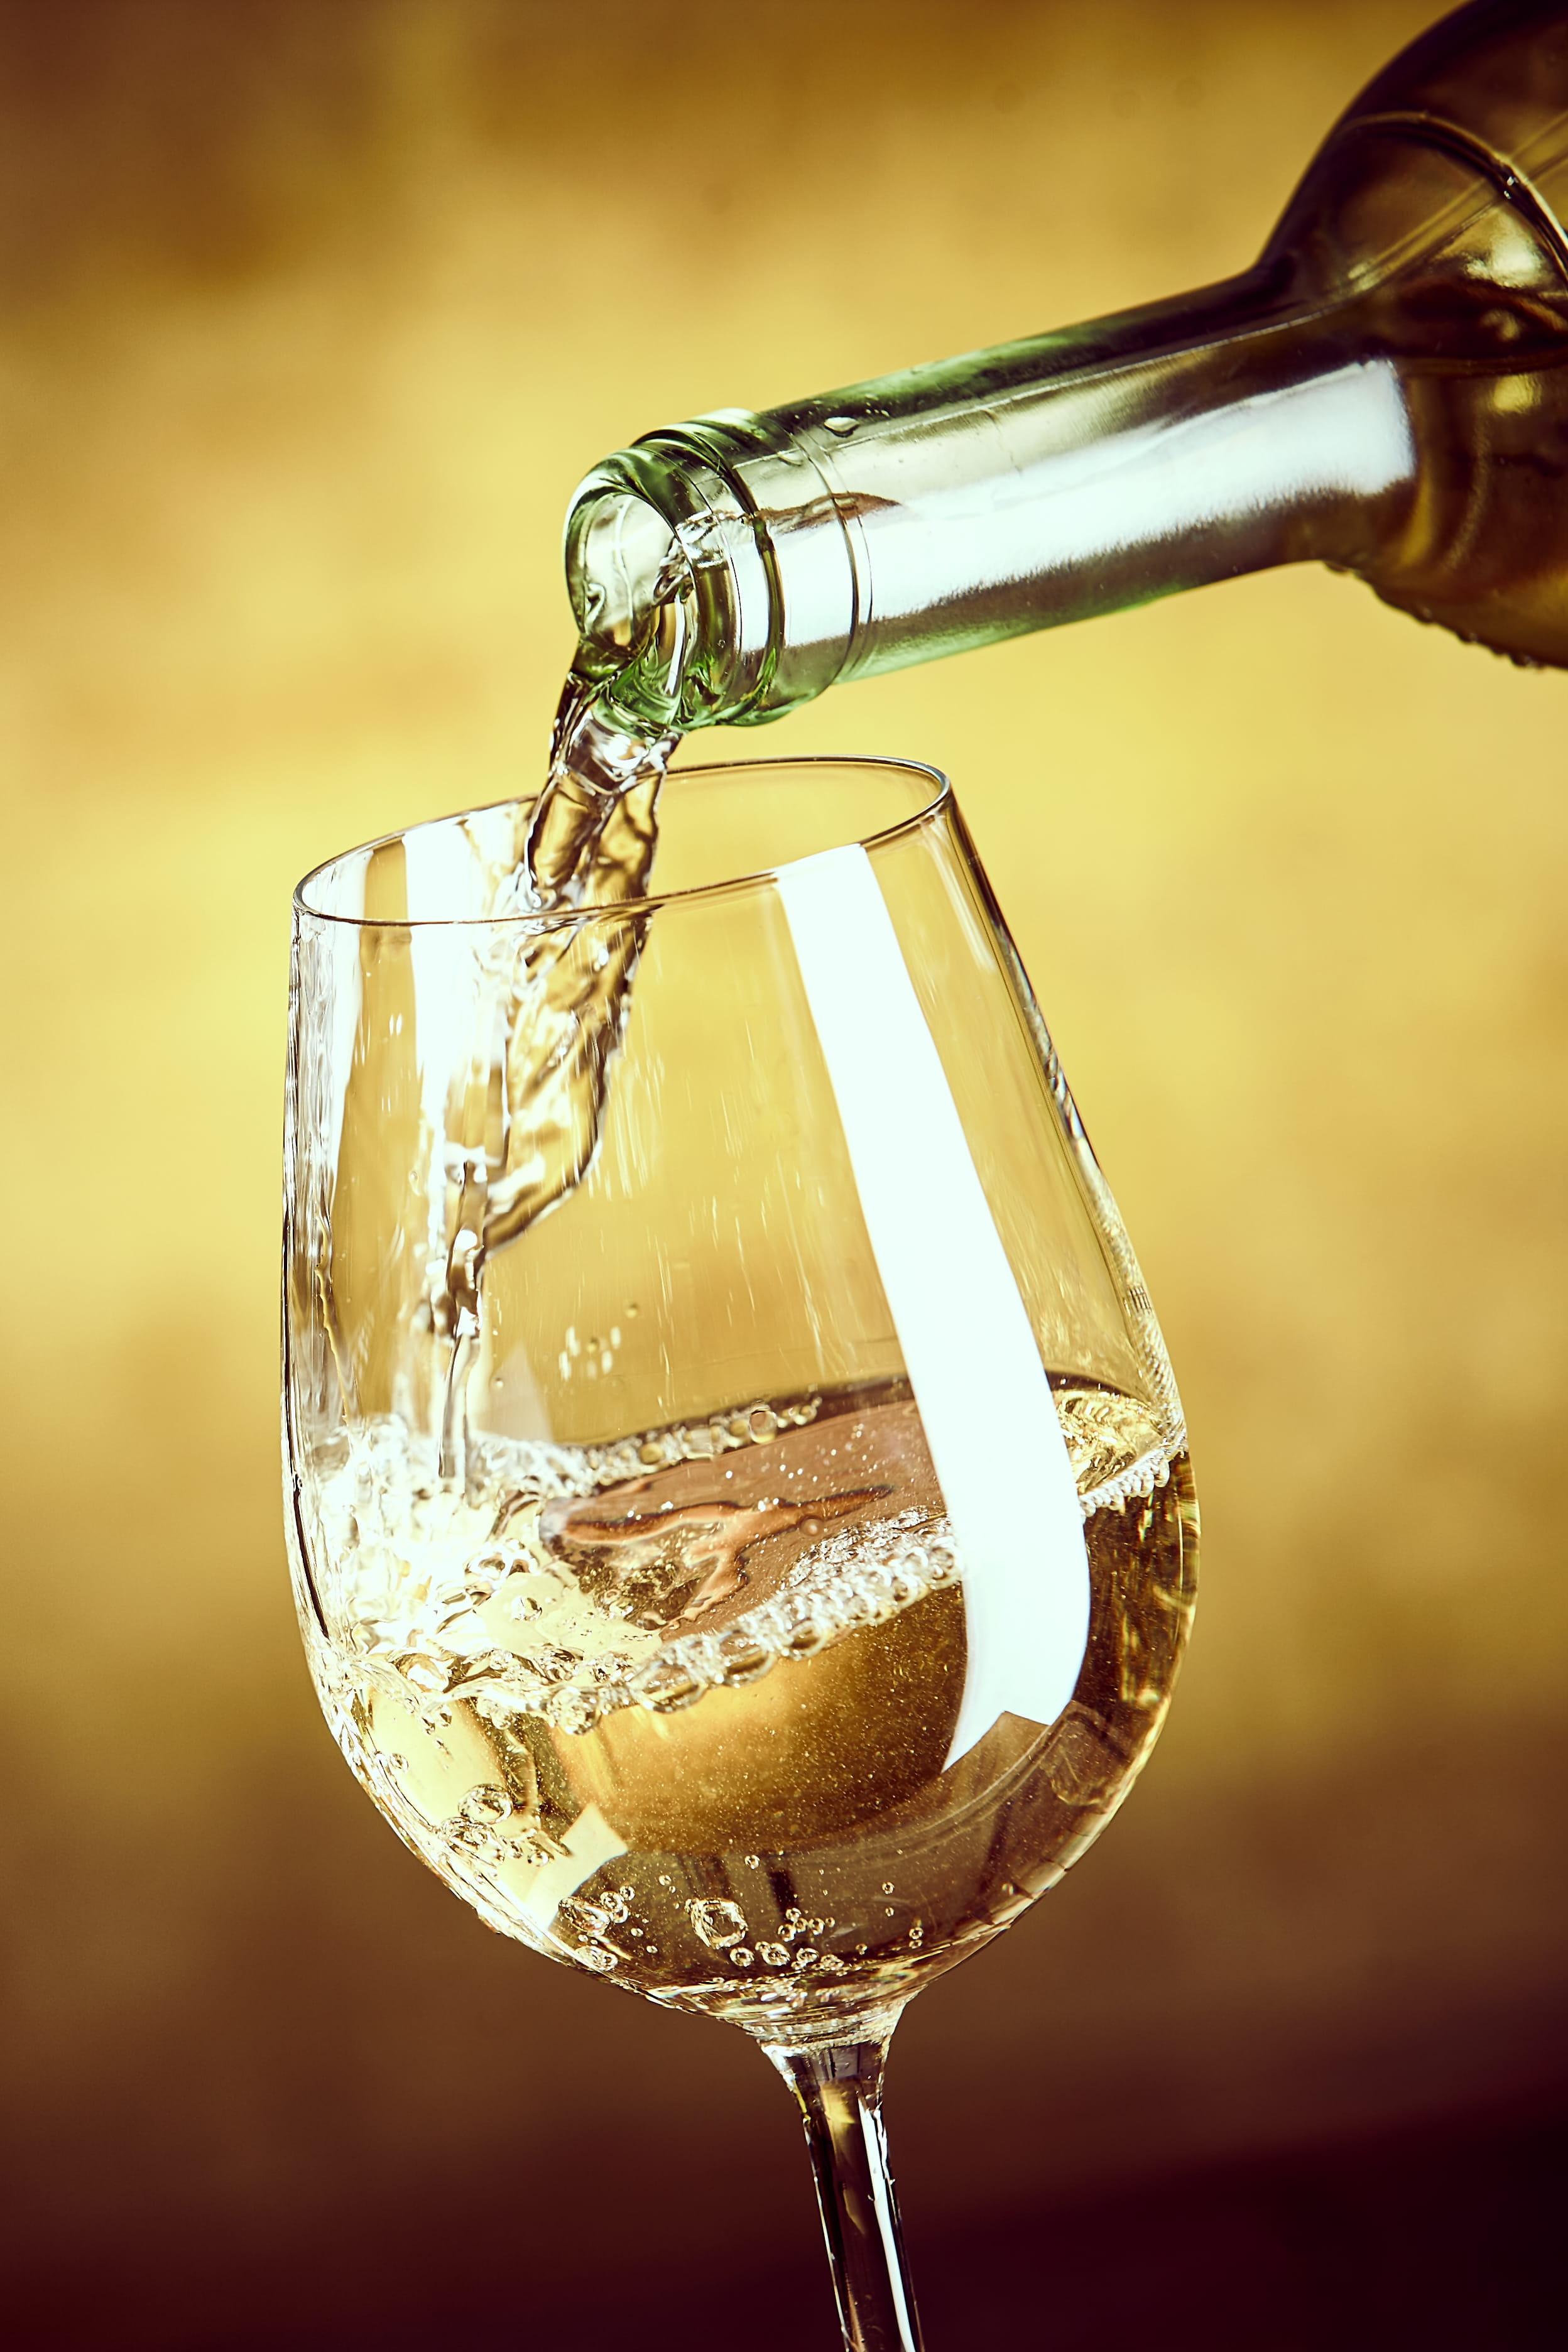 Un verre de vin blanc = 8 morceaux de sucre